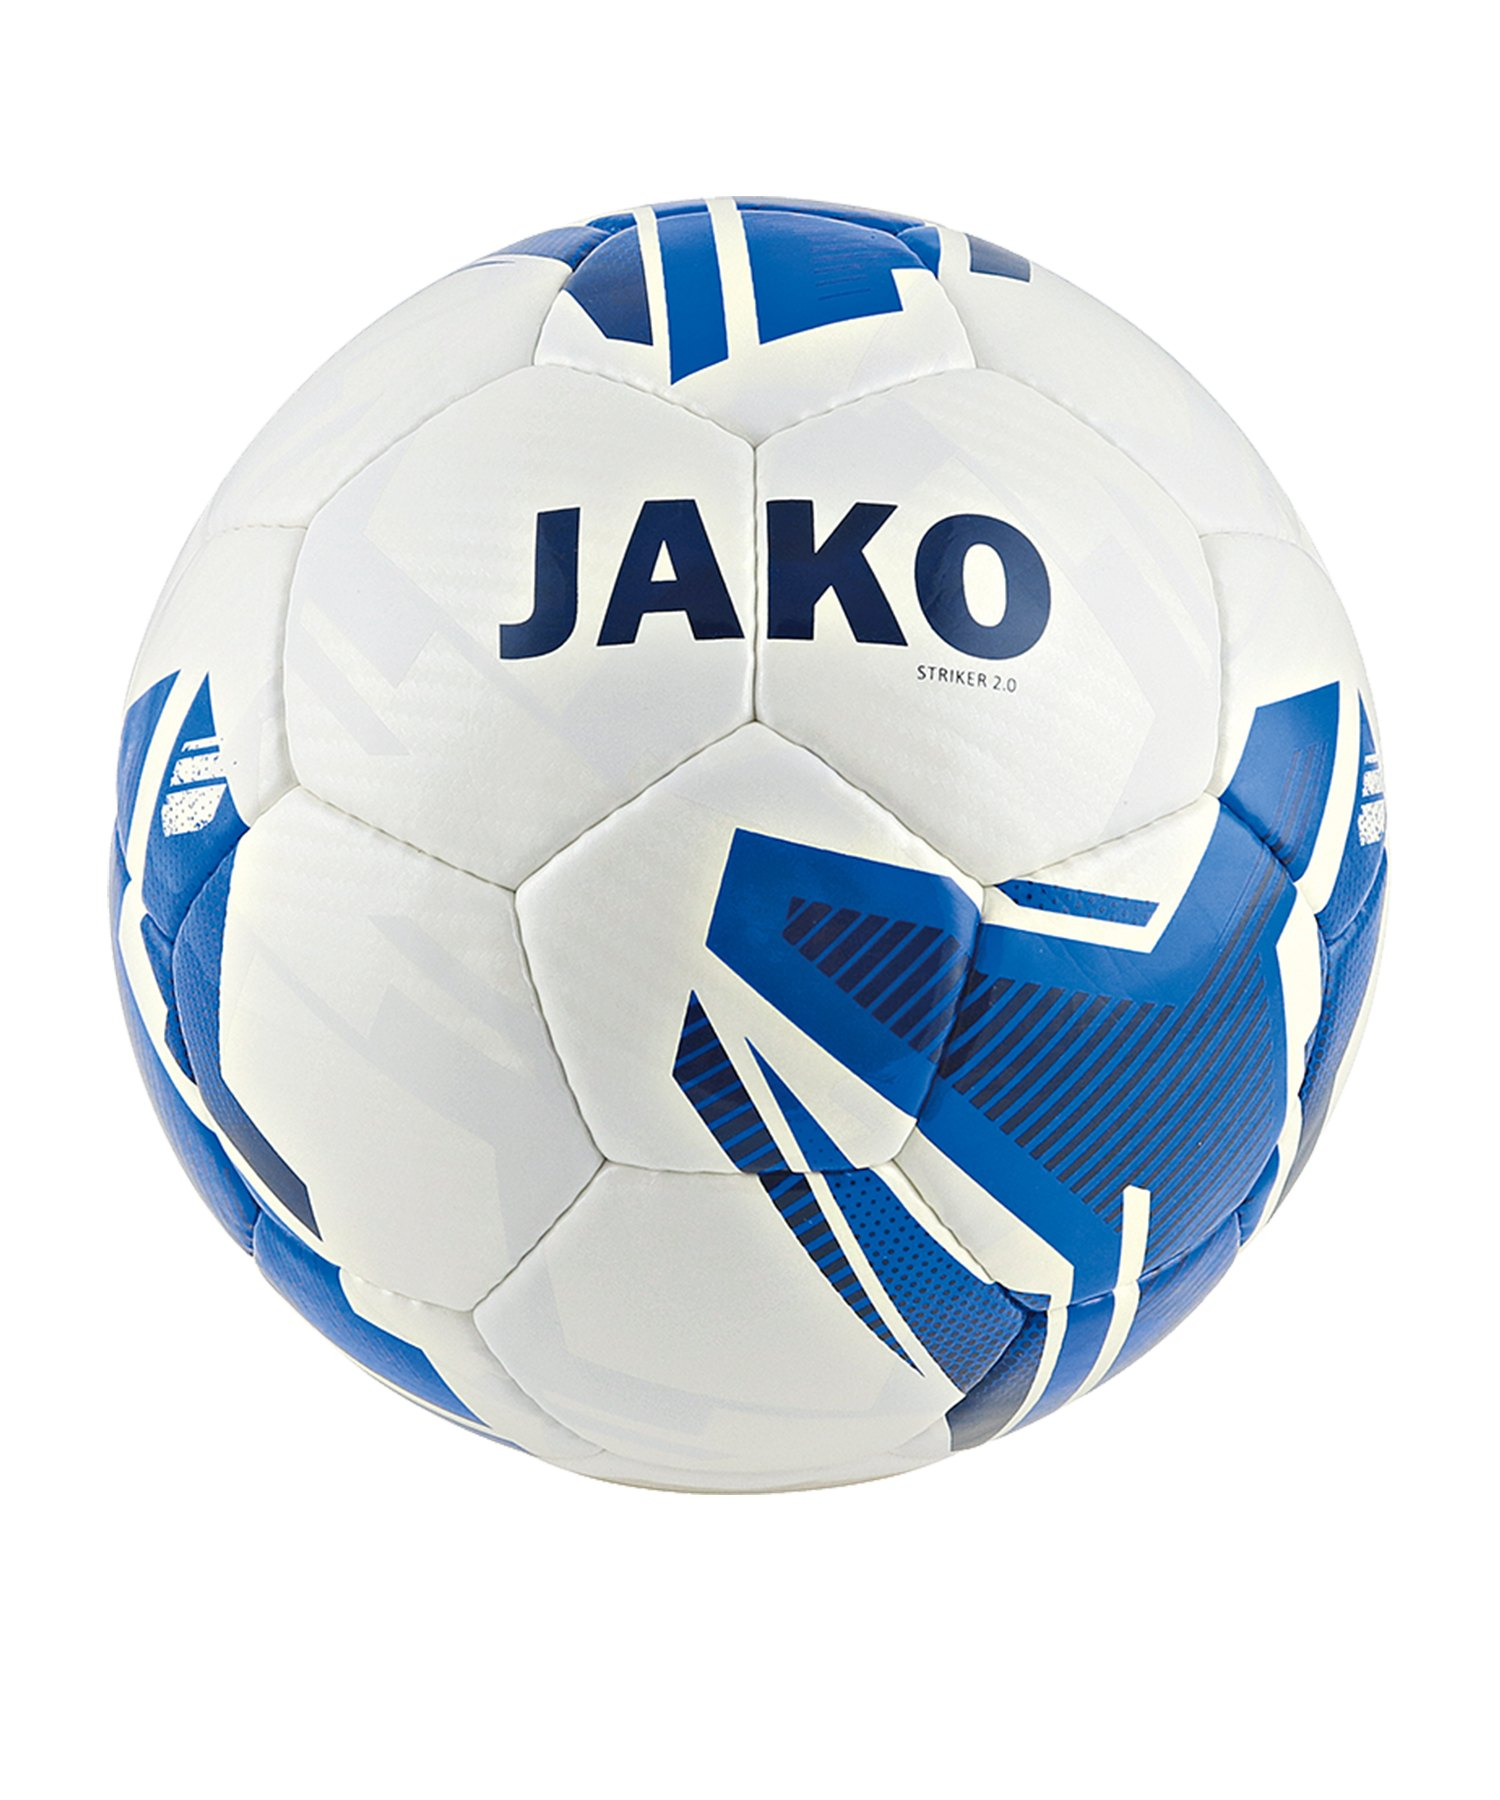 Jako Striker 2.0 Lightball HS 350 Gramm Gr. 4 F02 - Gruen